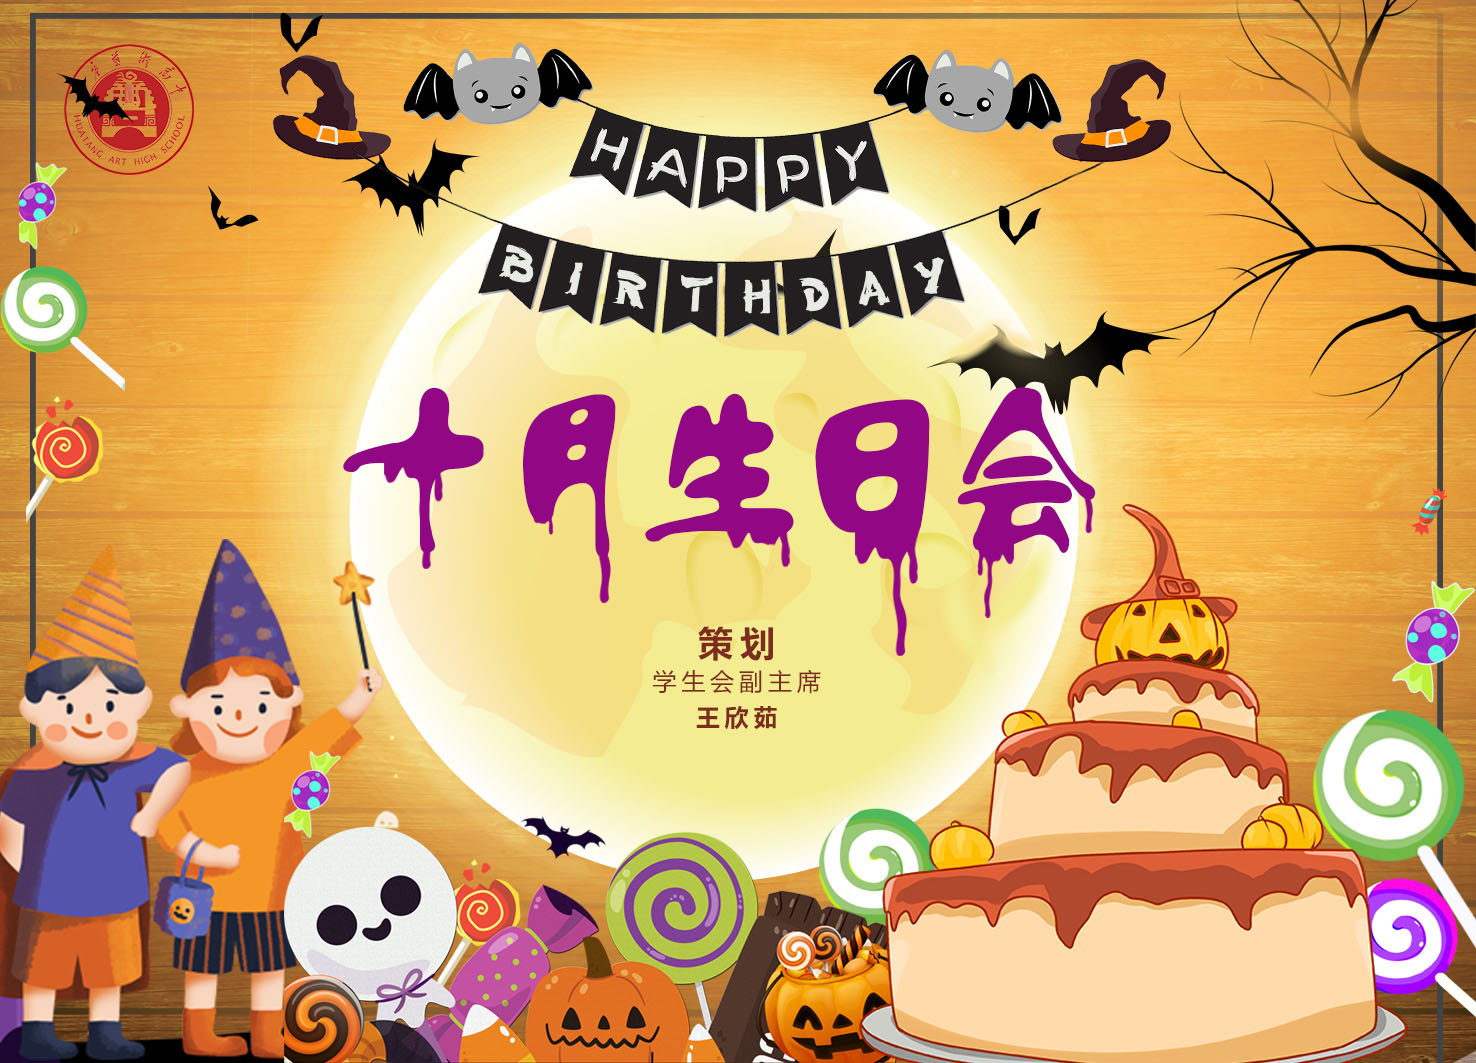 華唐藝術高中十月生日會